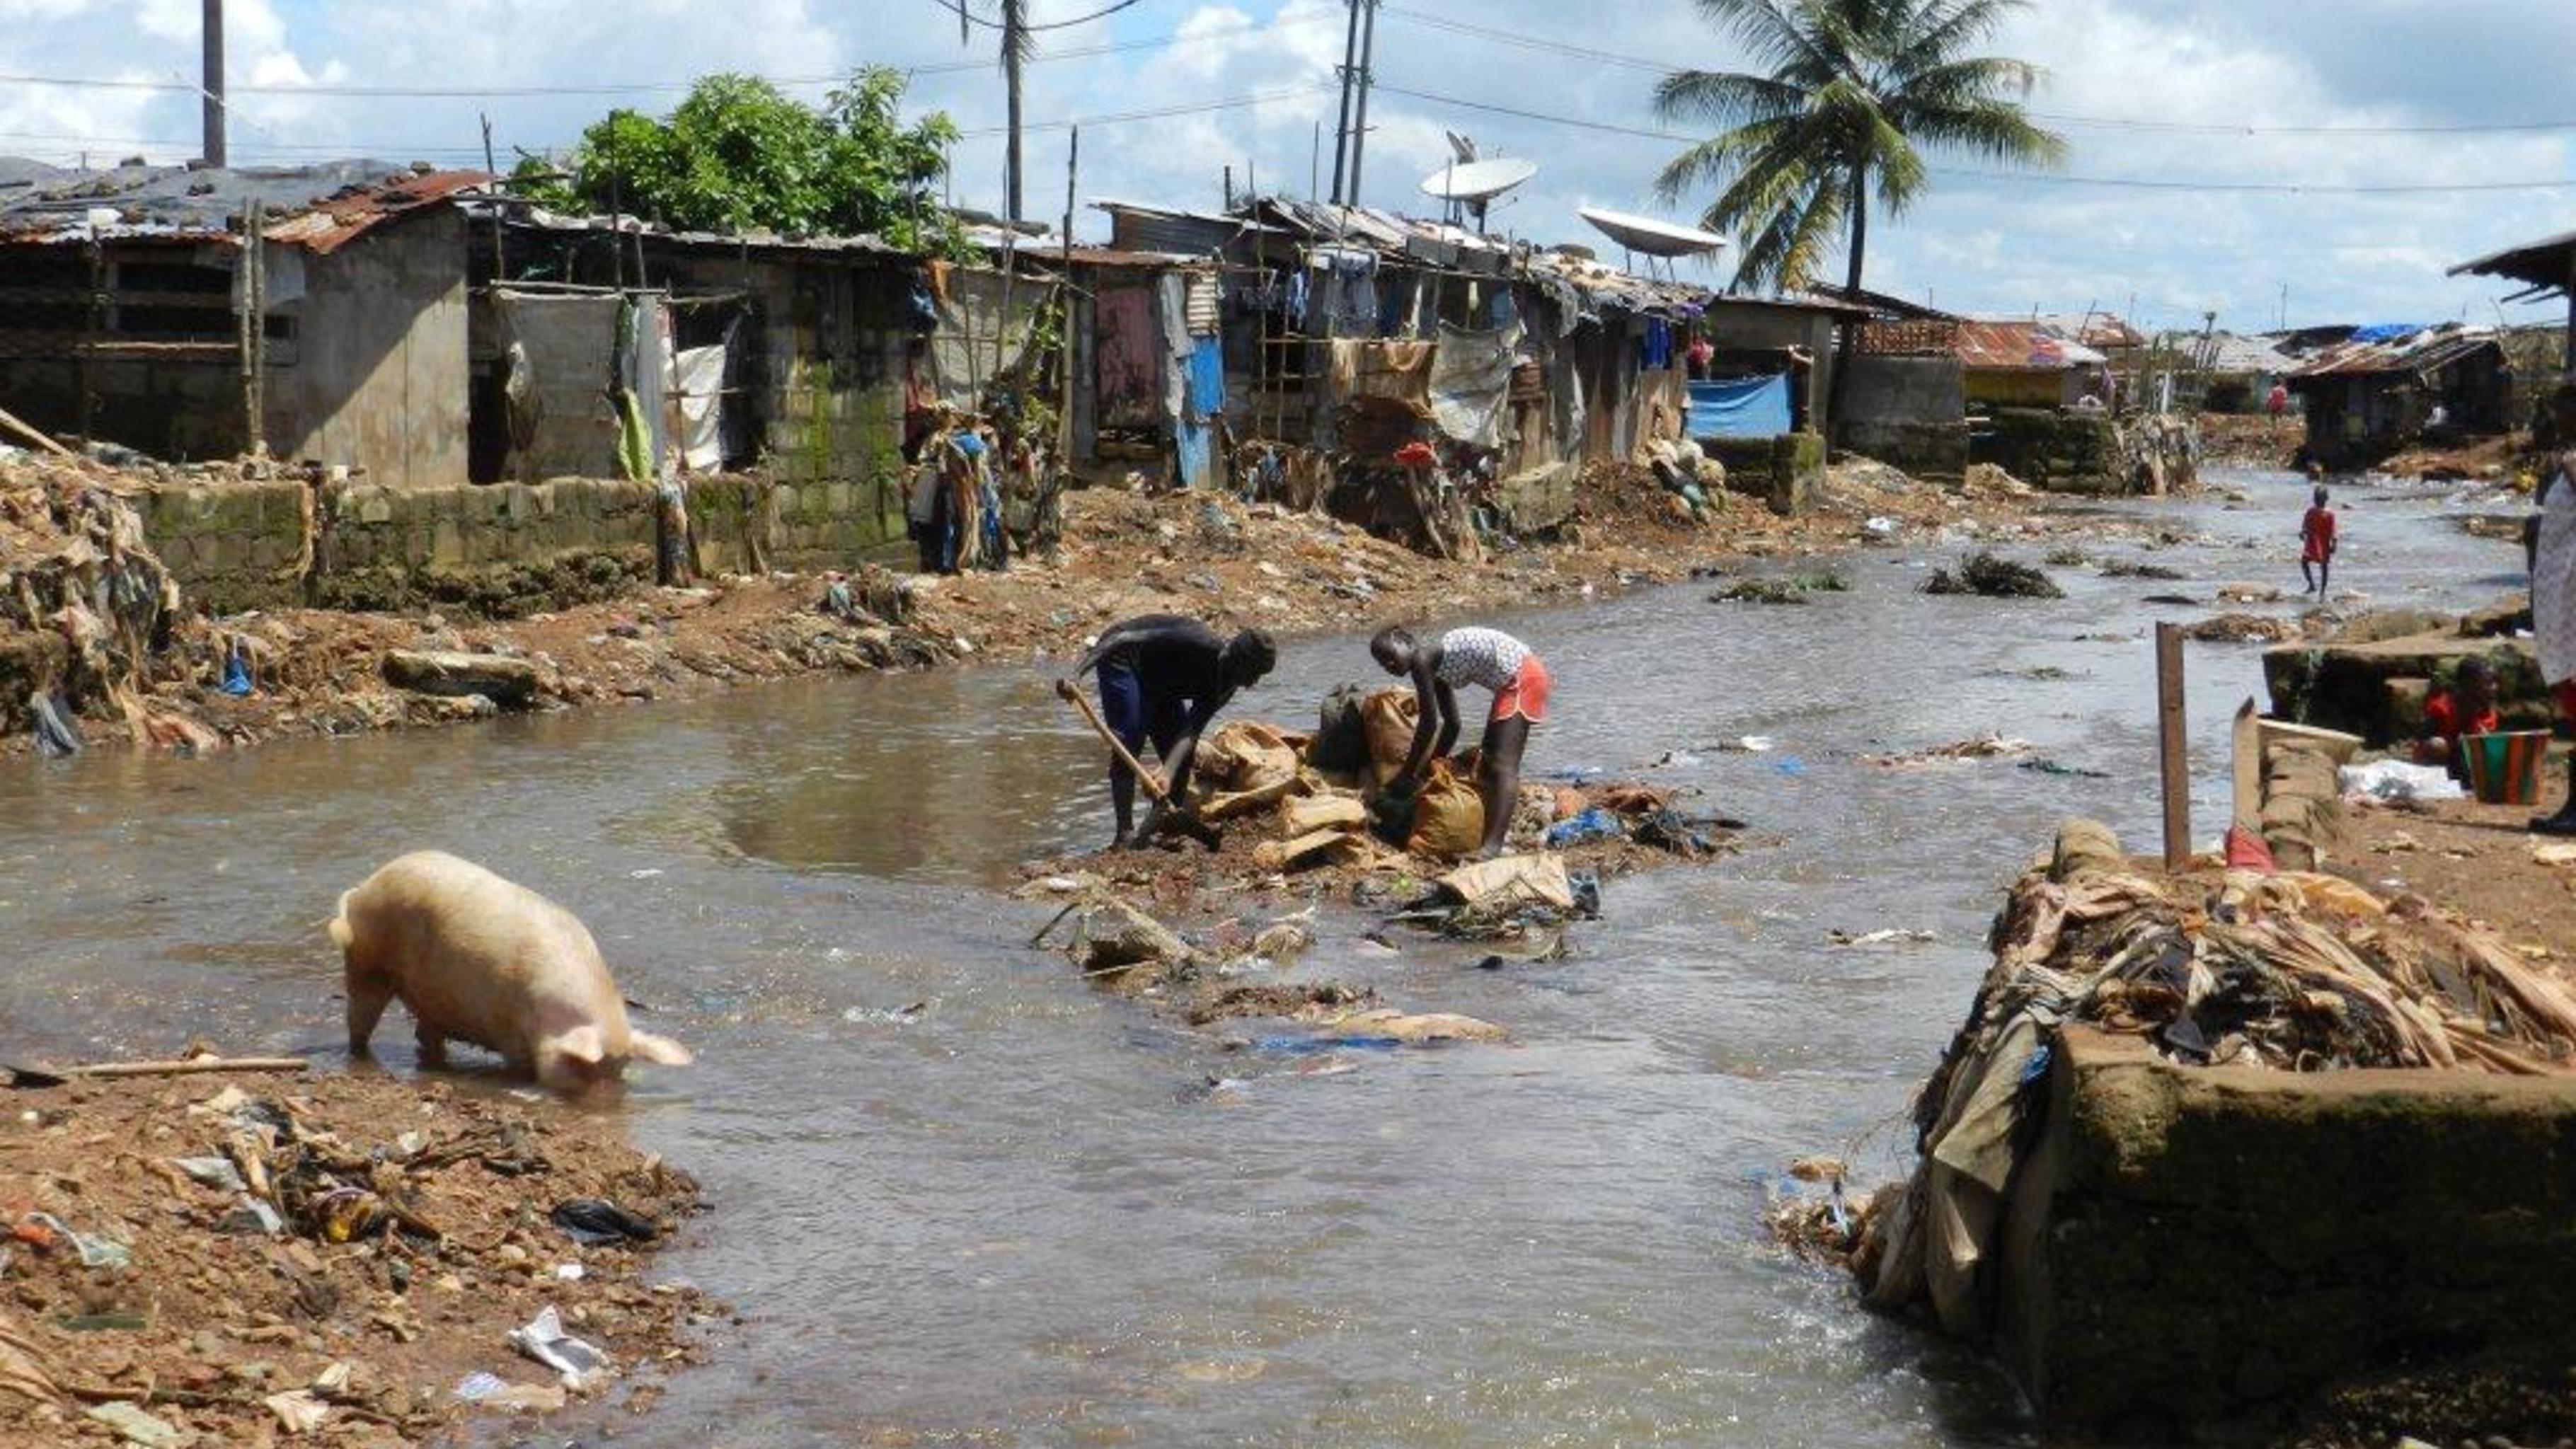 Foto: Ein Schwein wühlt im von Wasser umspülten Müll